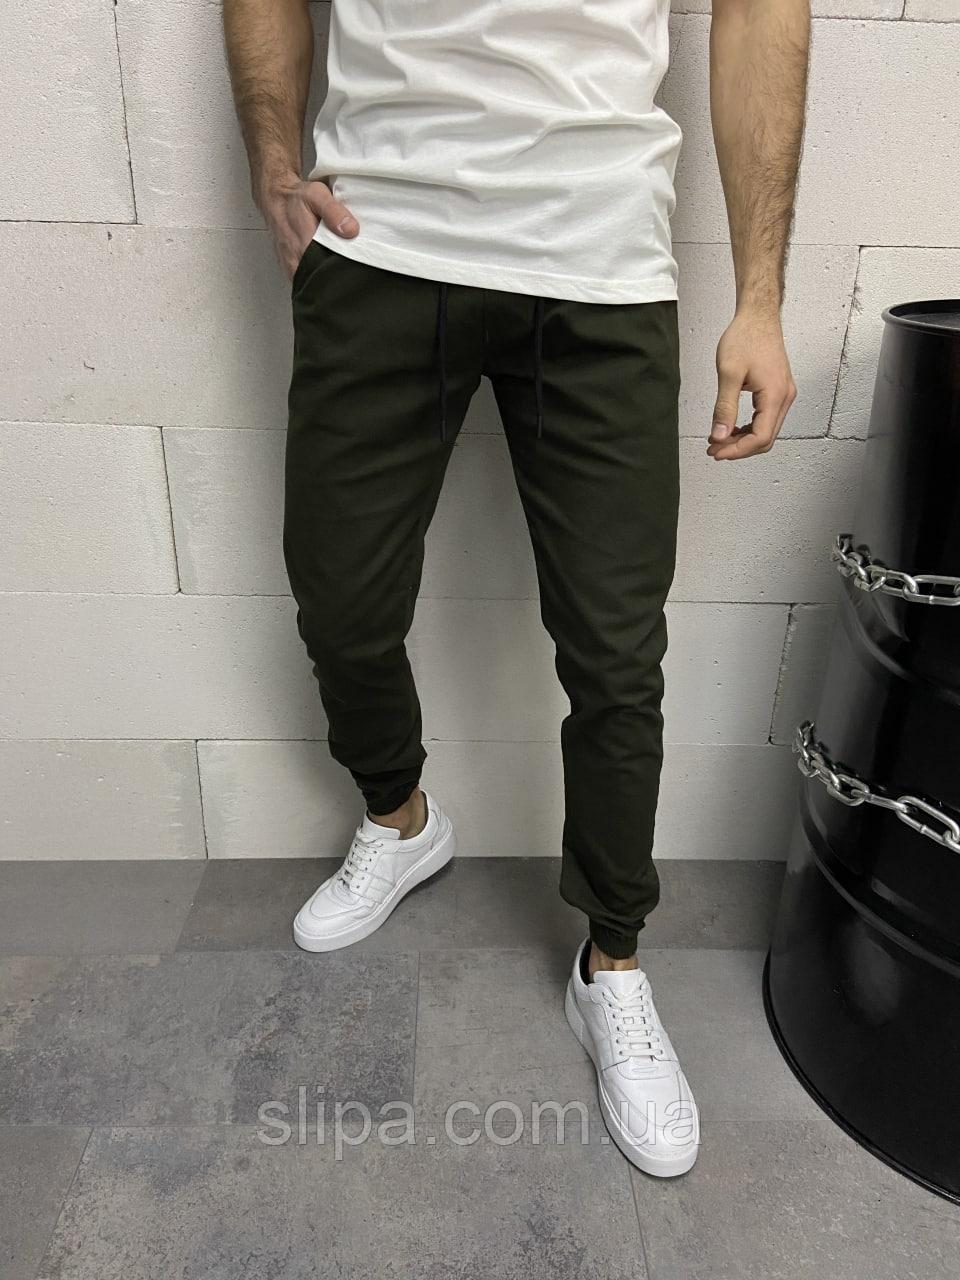 Хакі чоловічі спортивні штани на гумках | Туреччина | бавовна + лікра